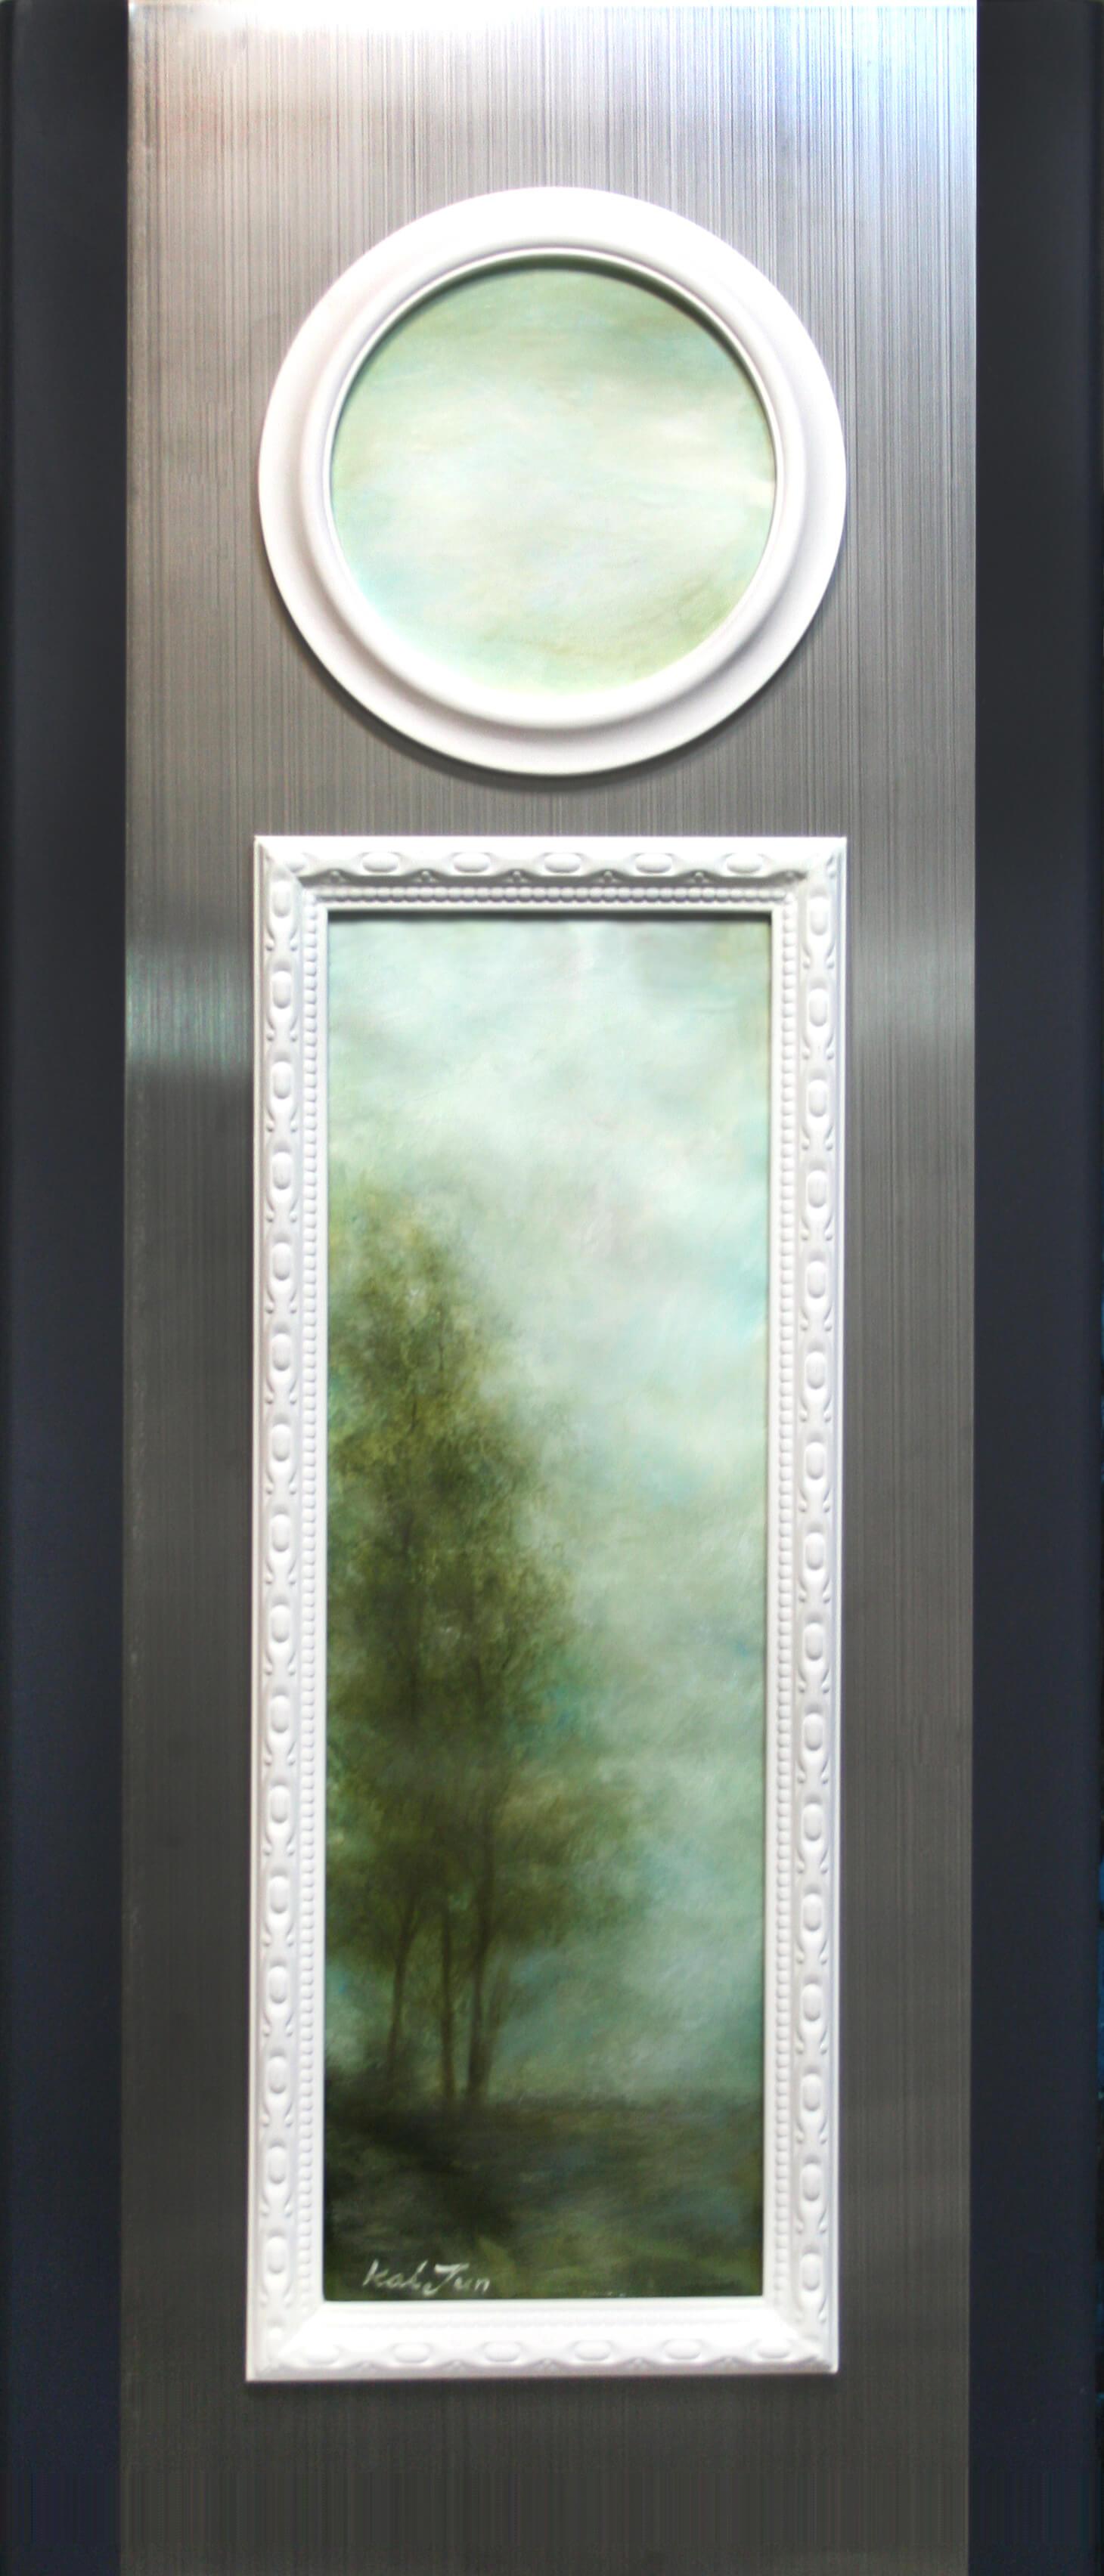 희망의 창-우정-70cm X 30cm-Oil on Paper & Wood